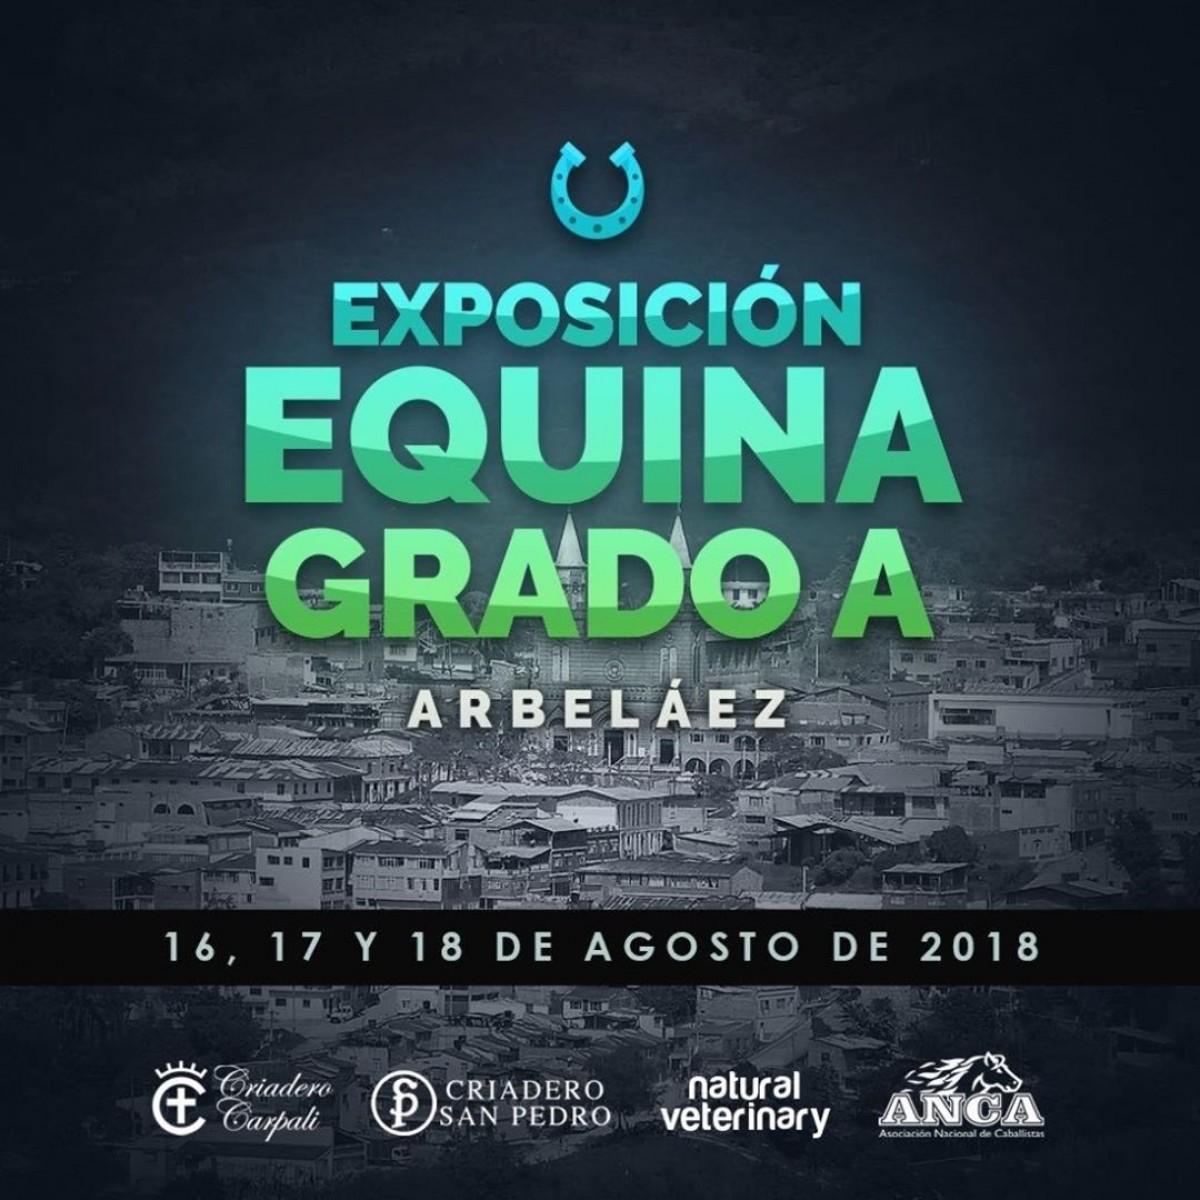 TRANSMISIÓN Exposición Equina Grado A Arbeláez Del 16 al 18 De Agosto